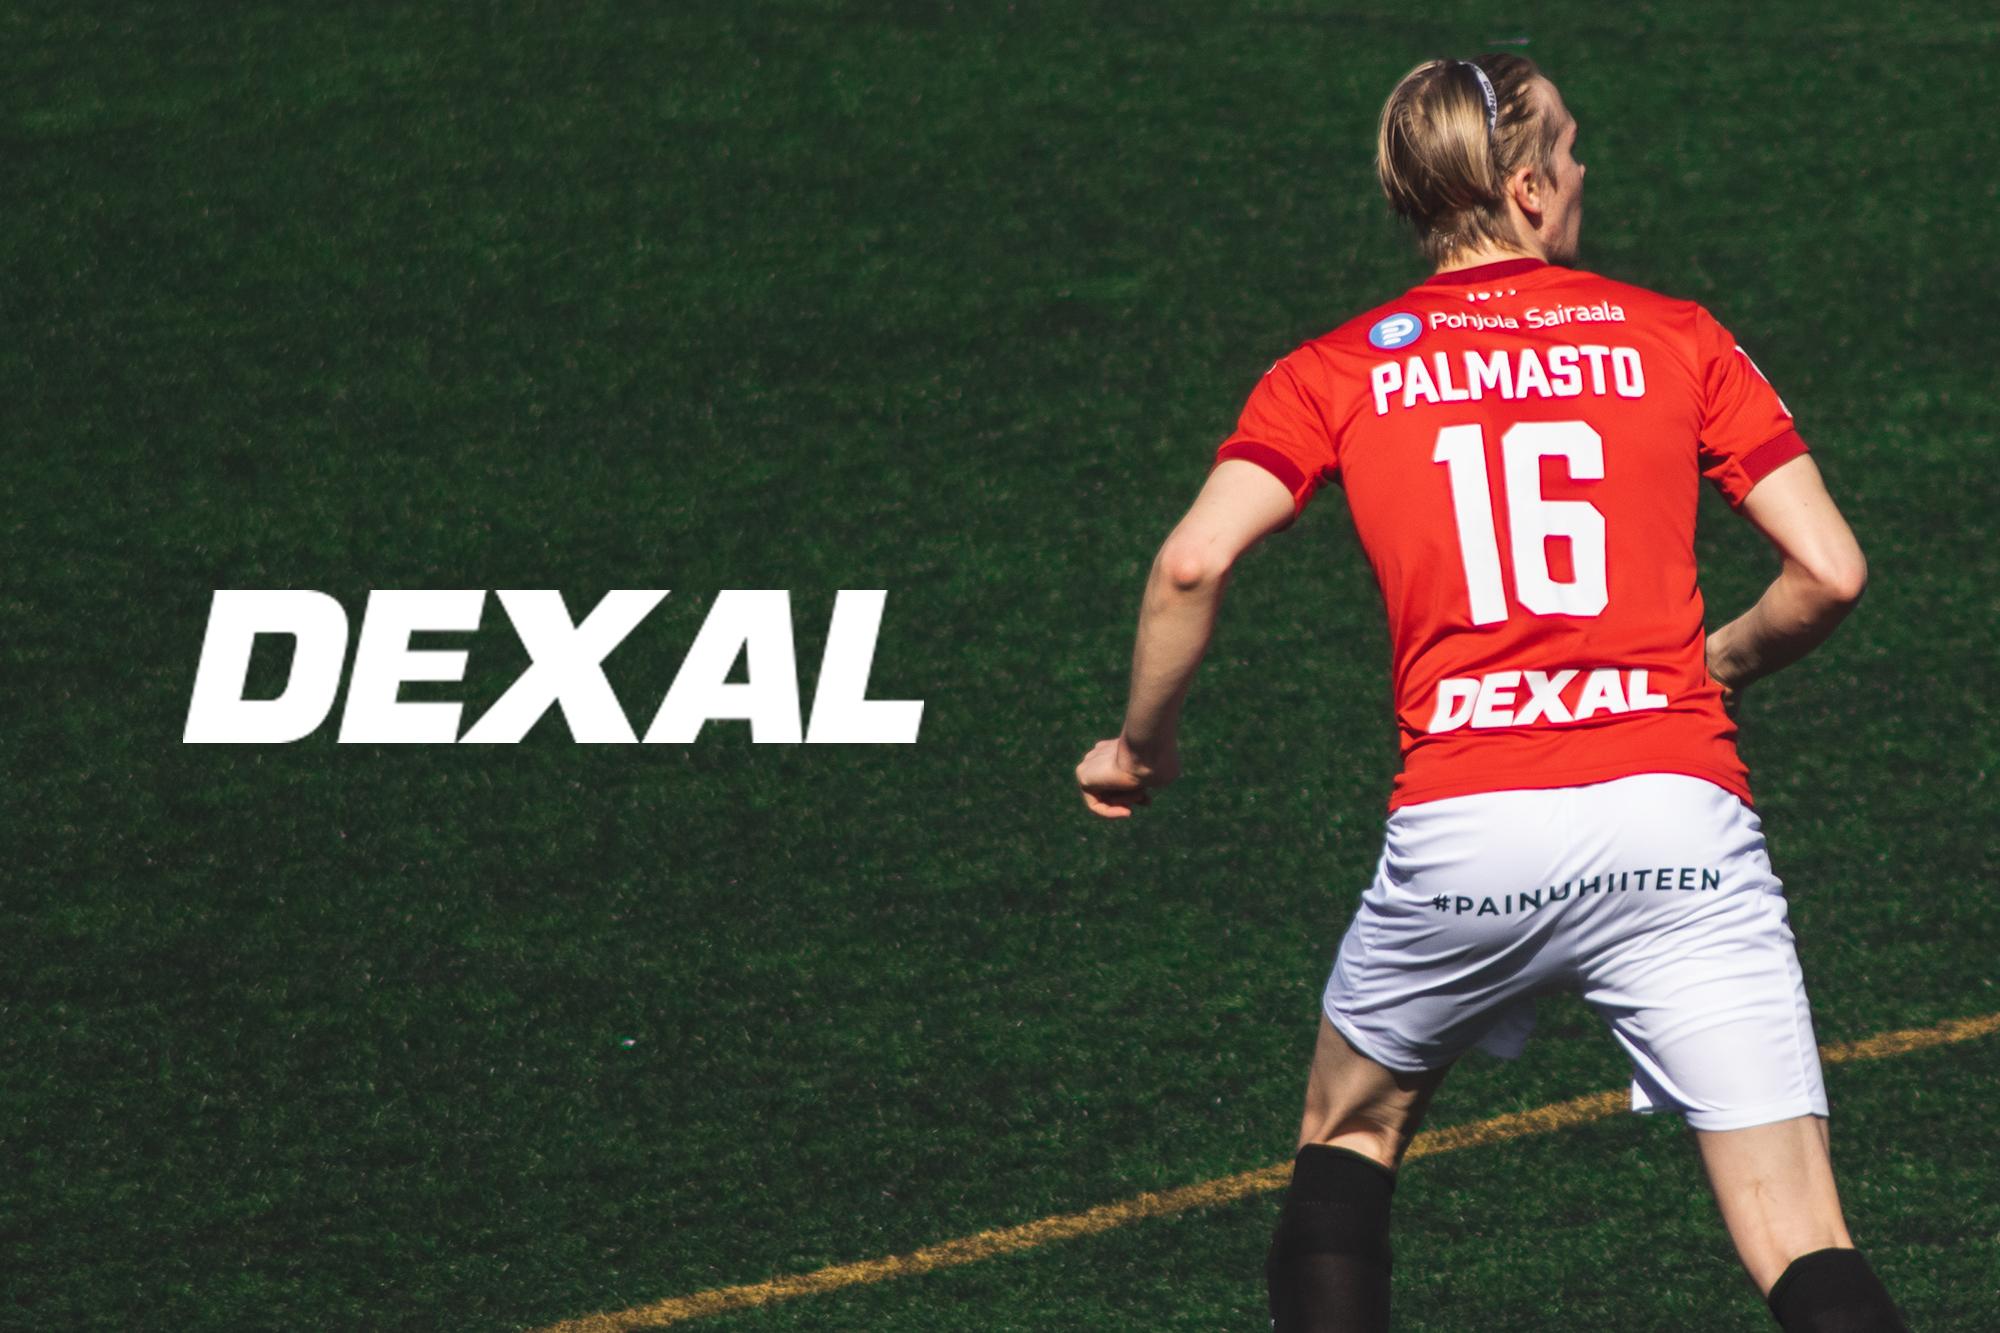 HIFK och Dexal inleder samarbete